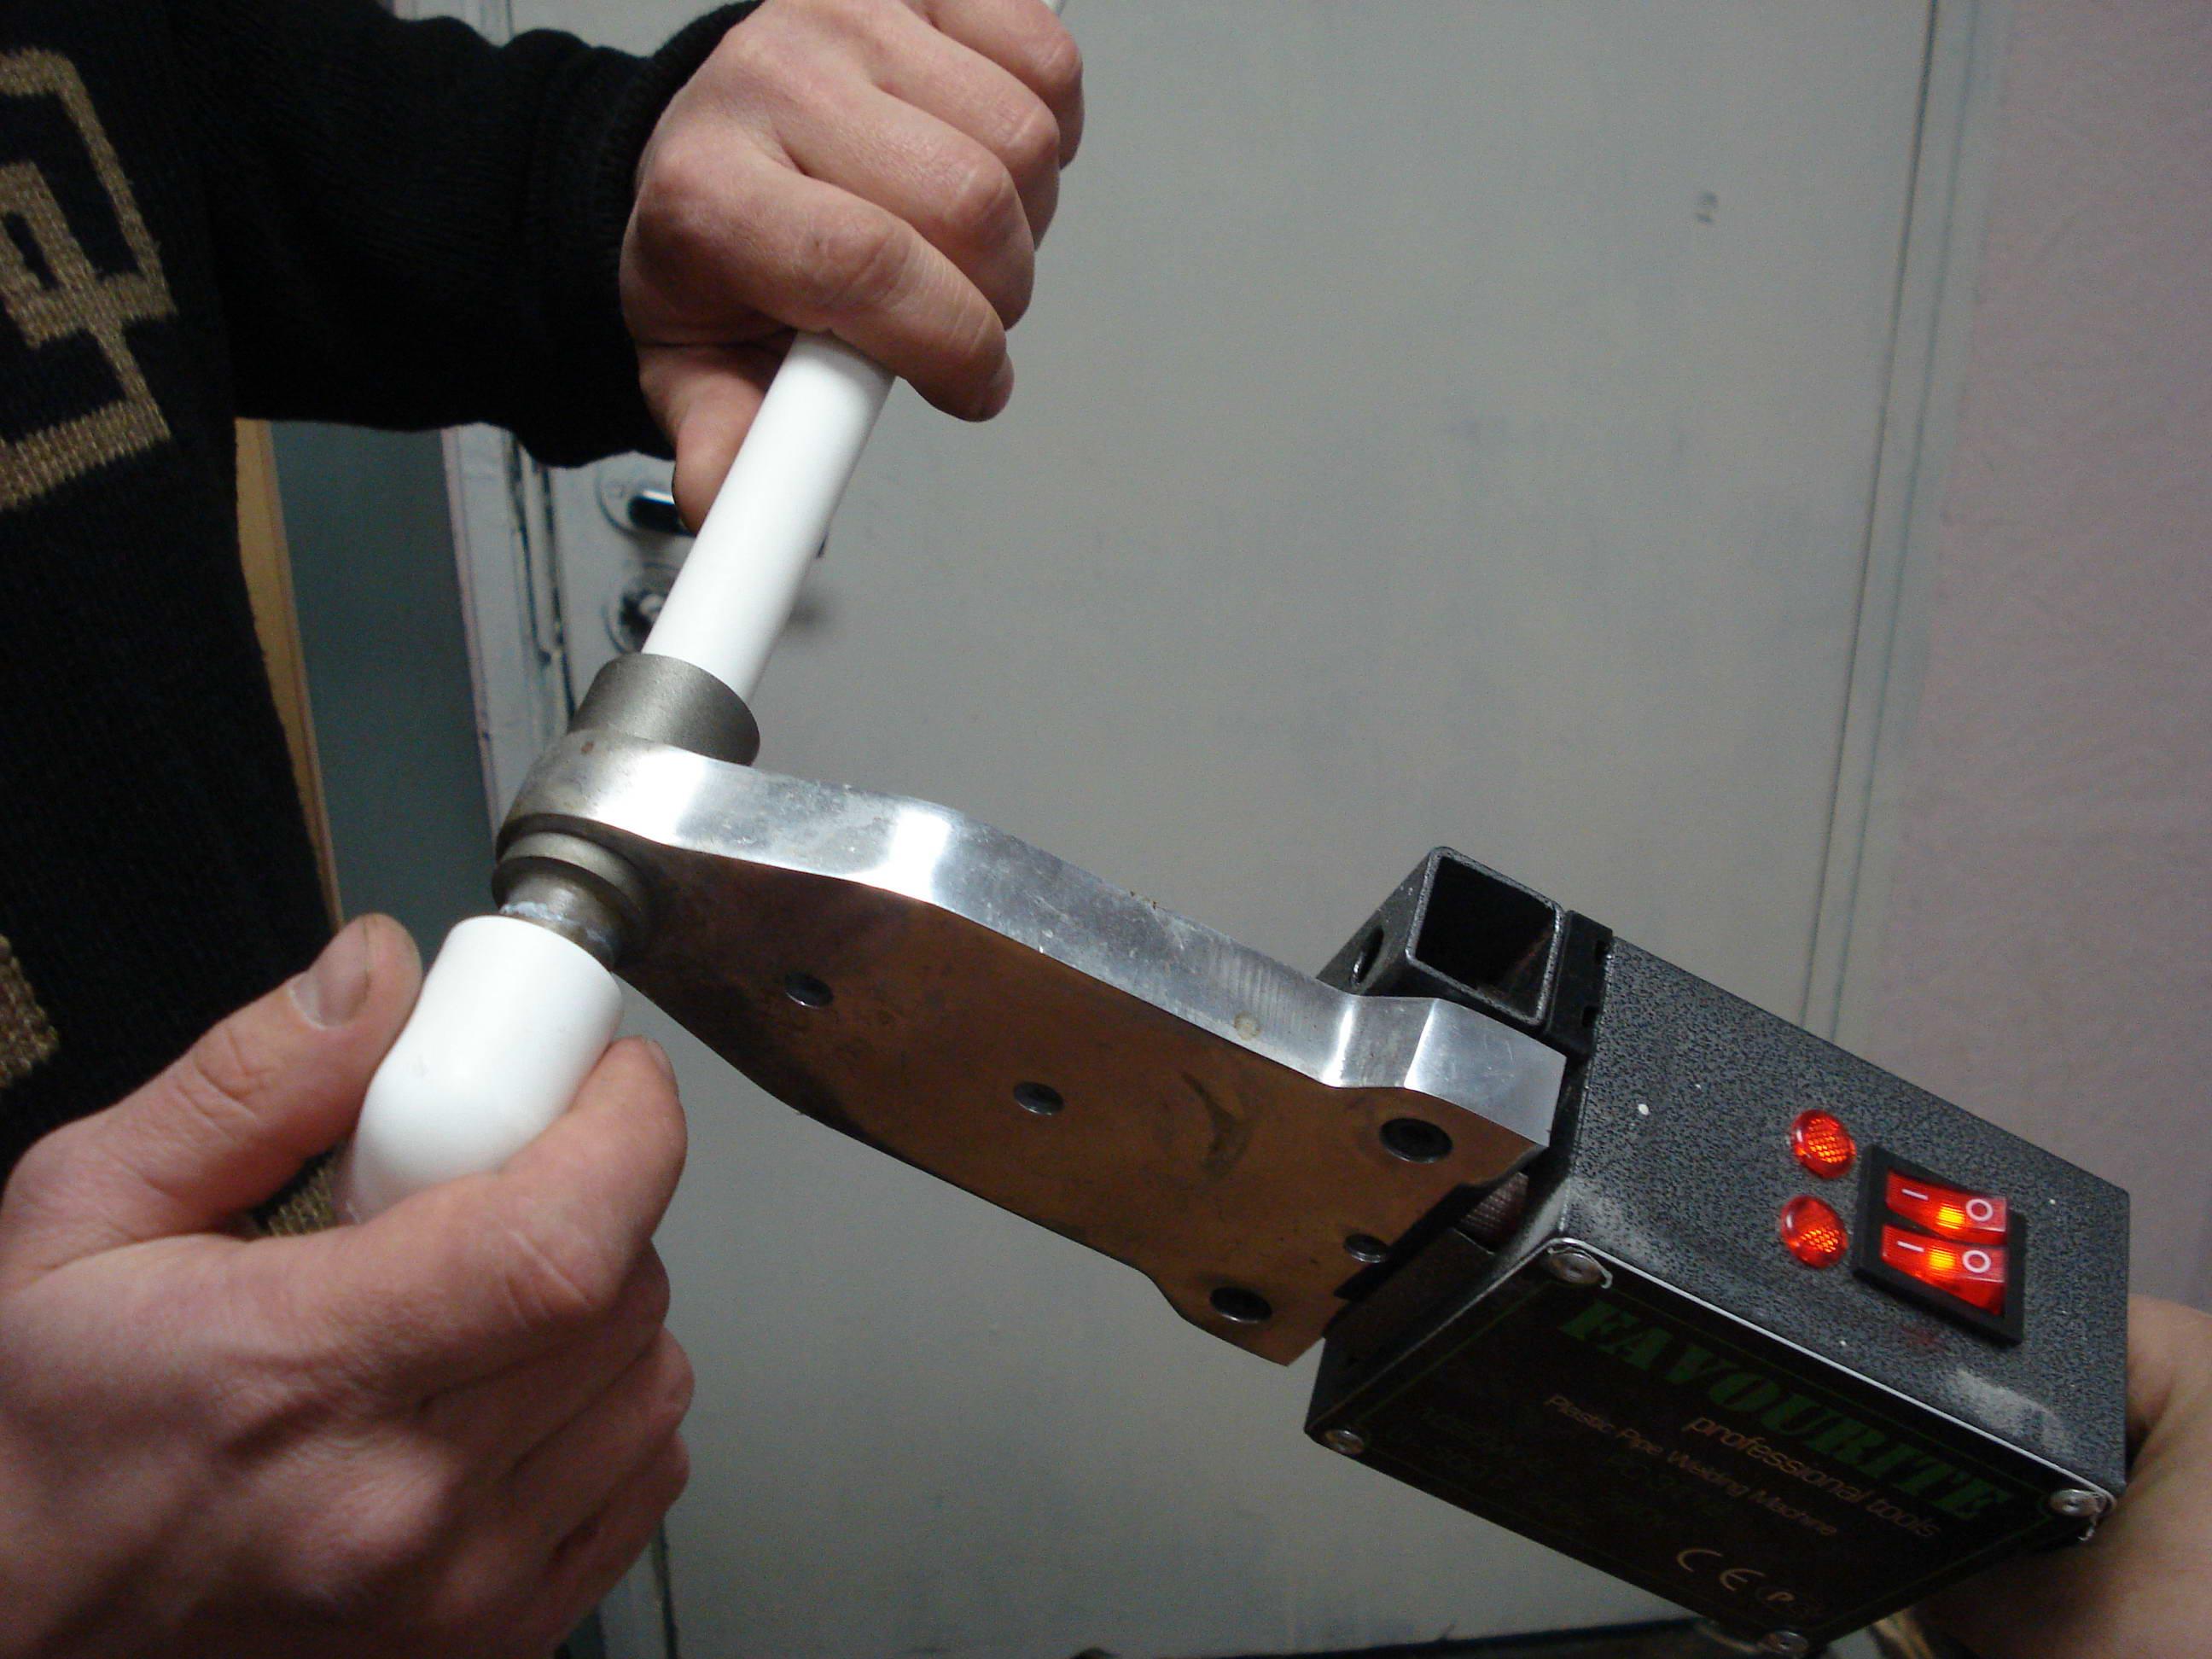 Пайка пвх труб своими руками – видео инструкции как паять, а так же какой выбрать паяльник и другой инструмент